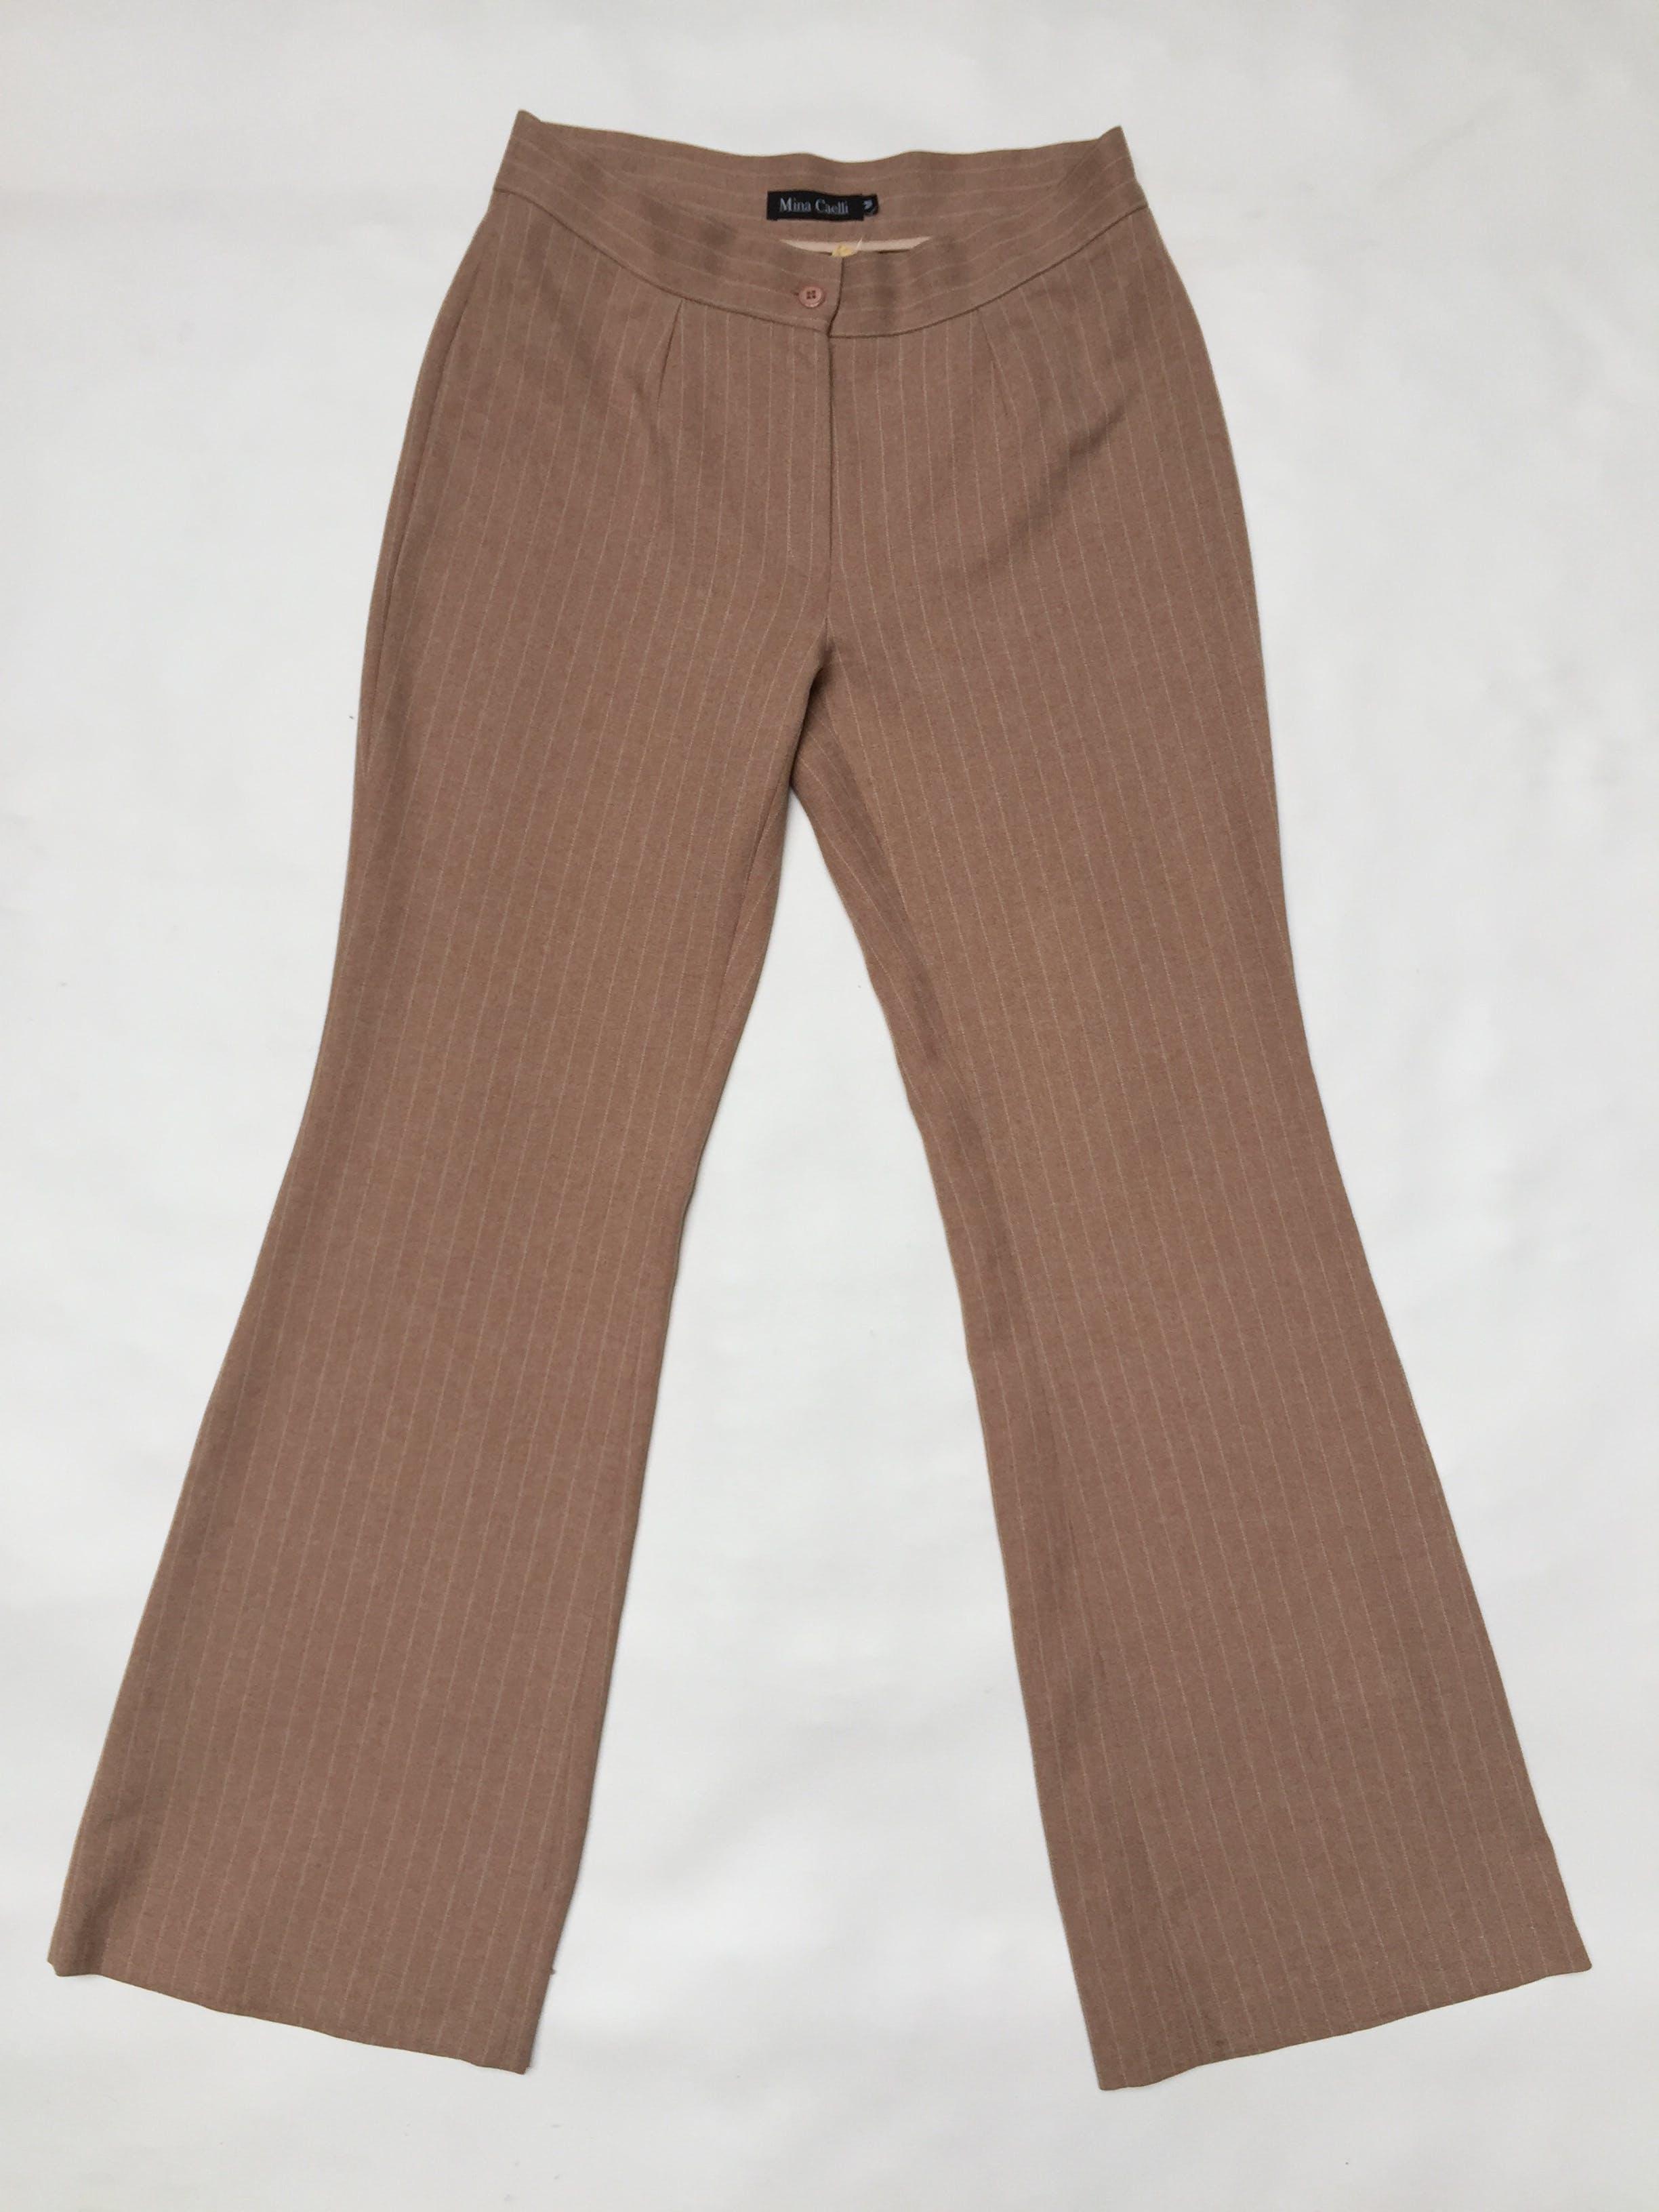 pantalon-Mina Caelli-imagen